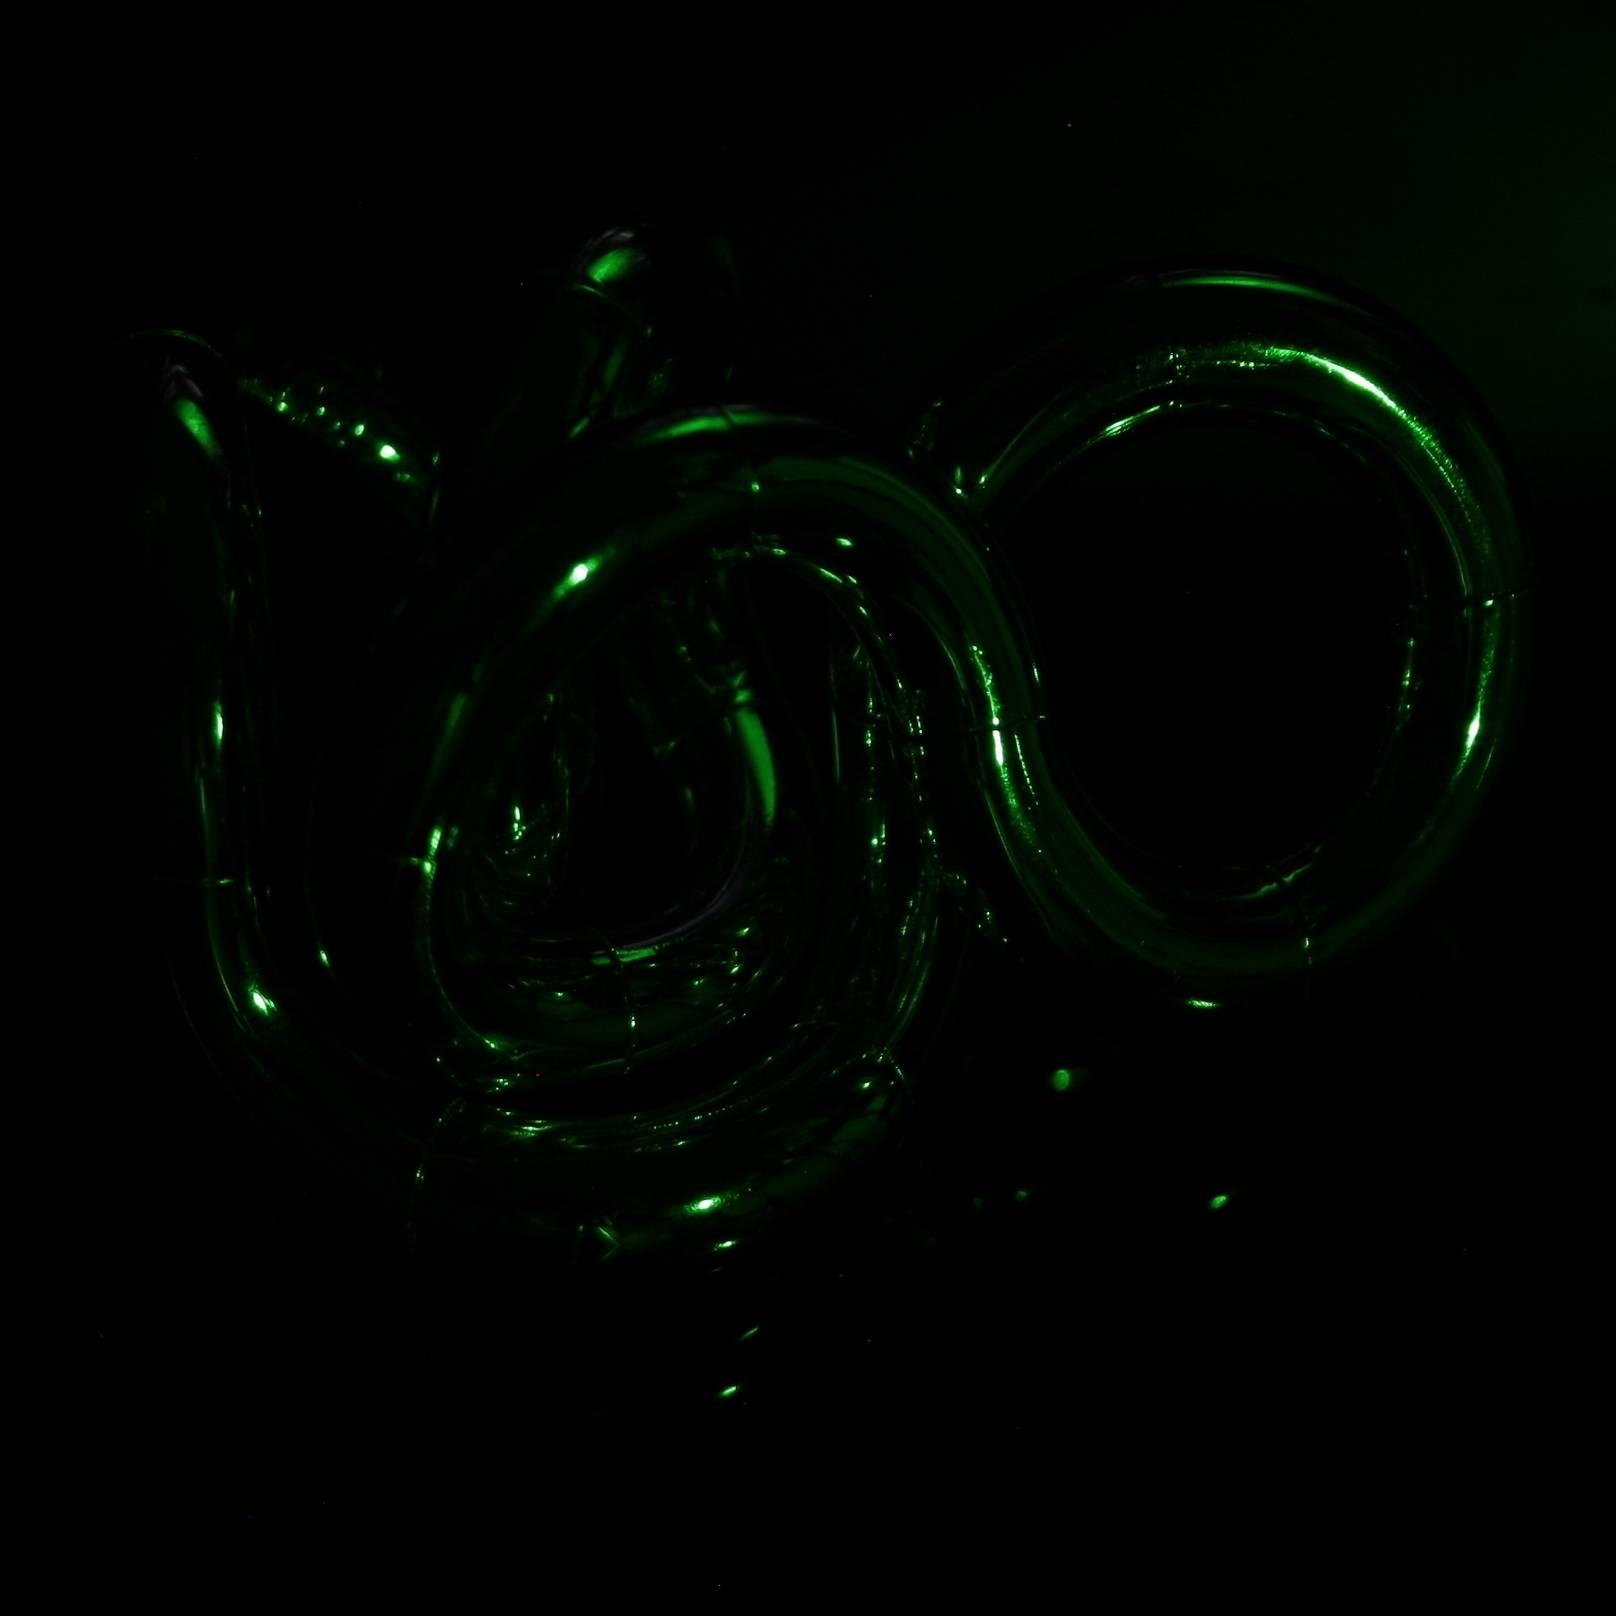 objet serie 1_0070